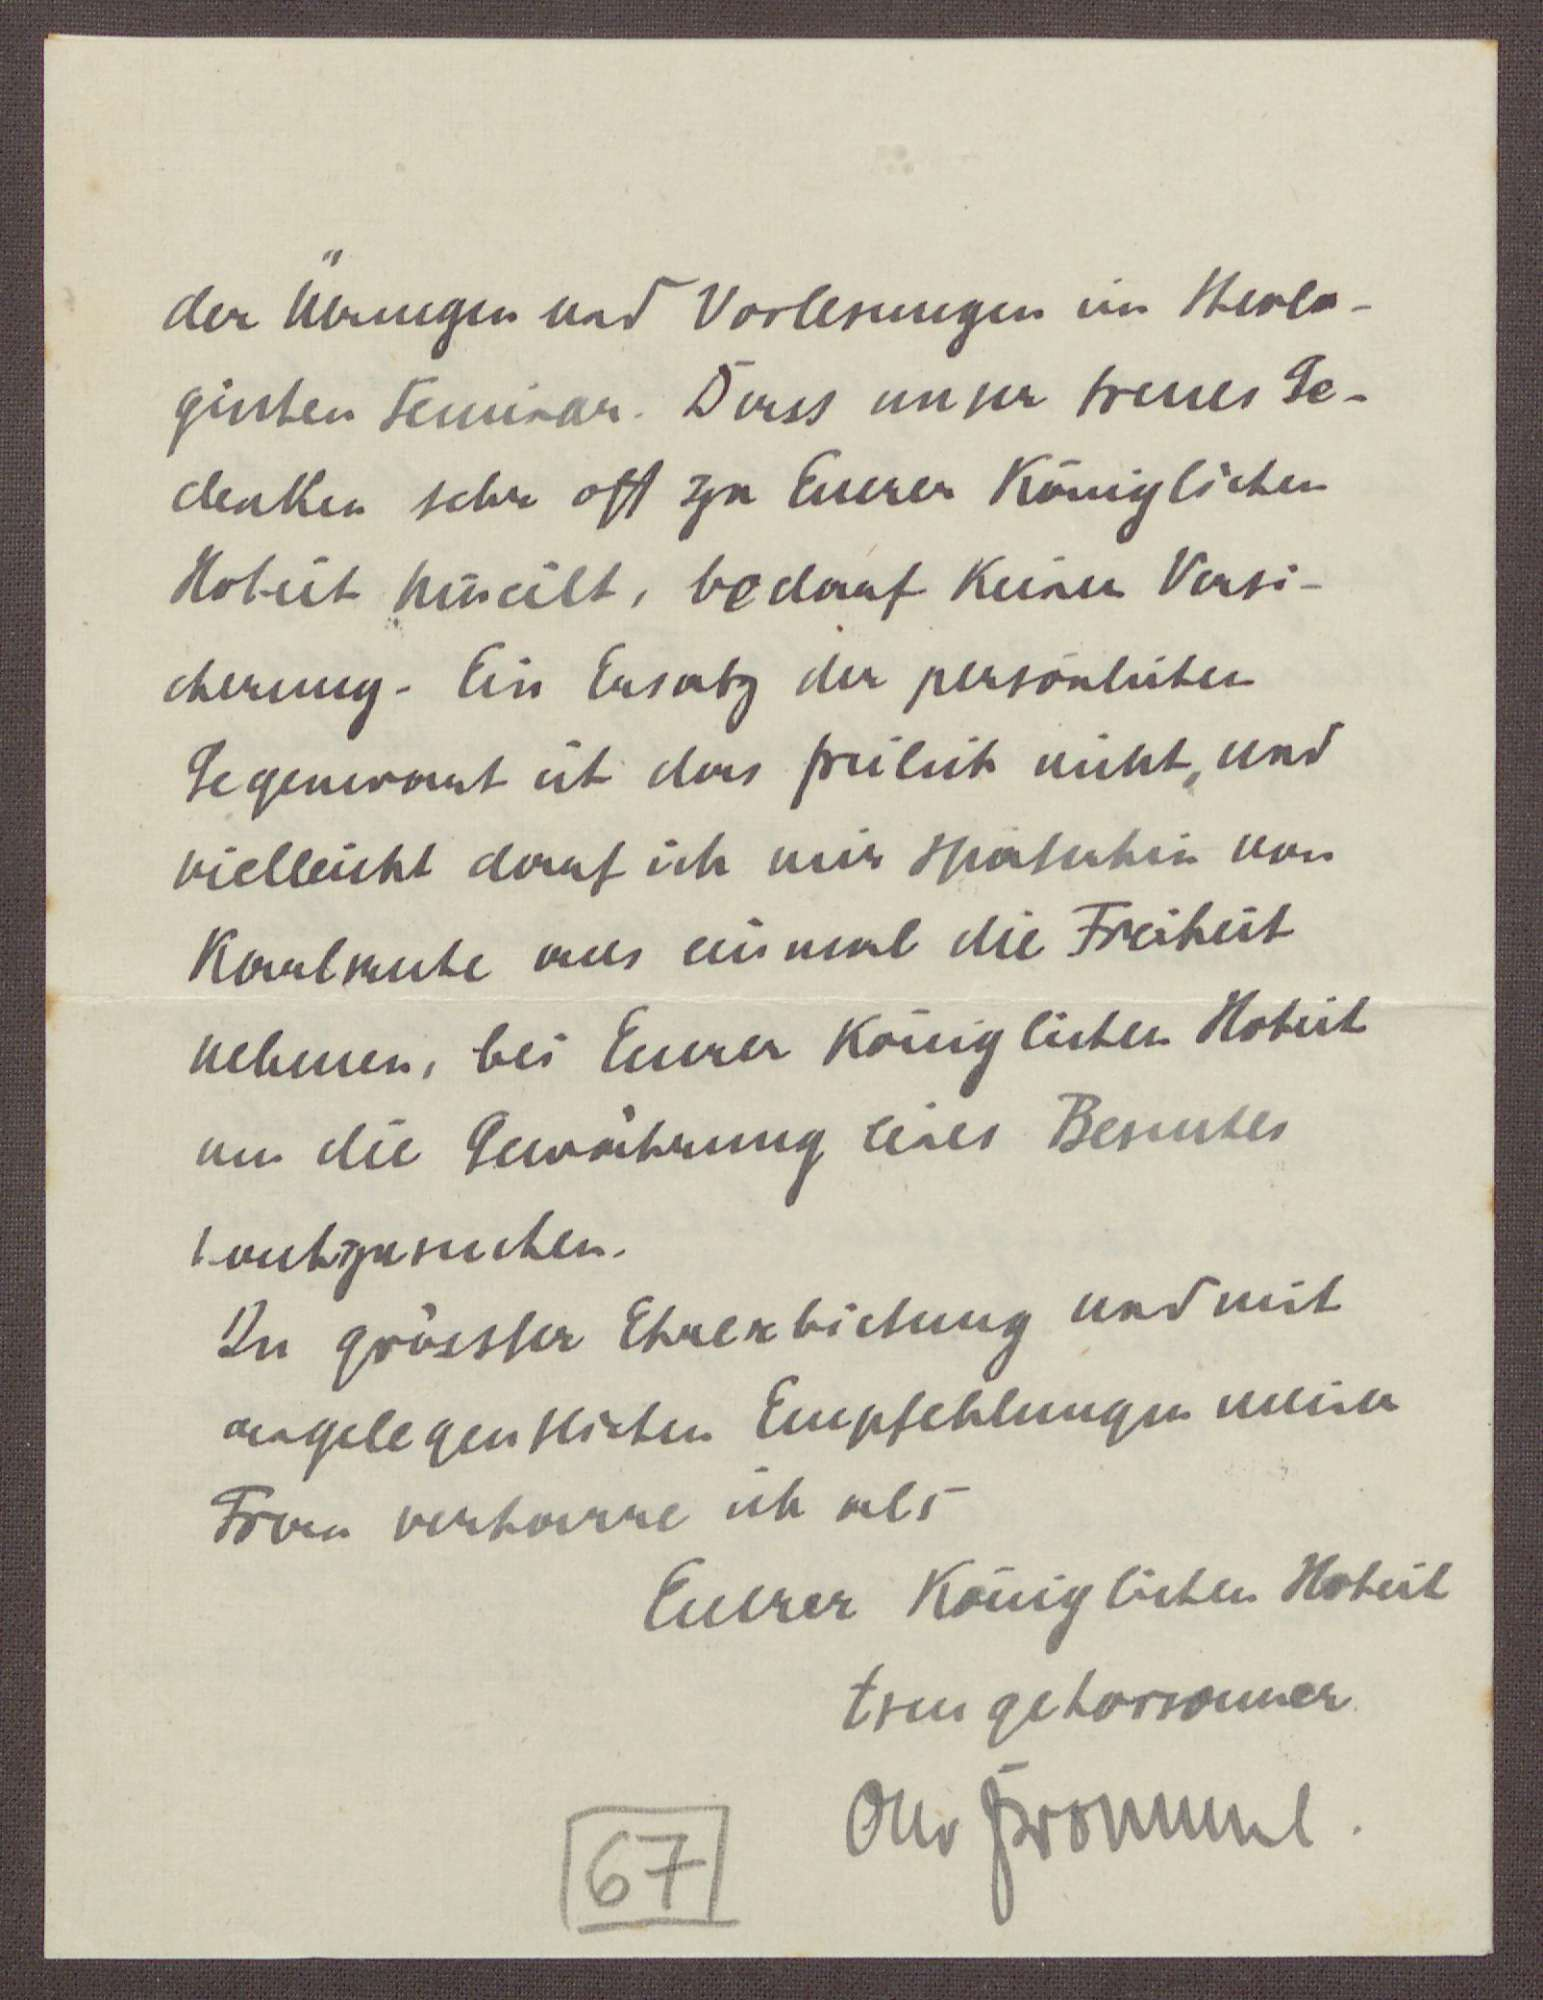 Schreiben von Otto Frommel an die Großherzogin Luise; Bericht über eine gut verlaufene Operation; Besuch des Schlosses in Baden-Baden durch eine Delegation des Frauenvereins, Bild 3